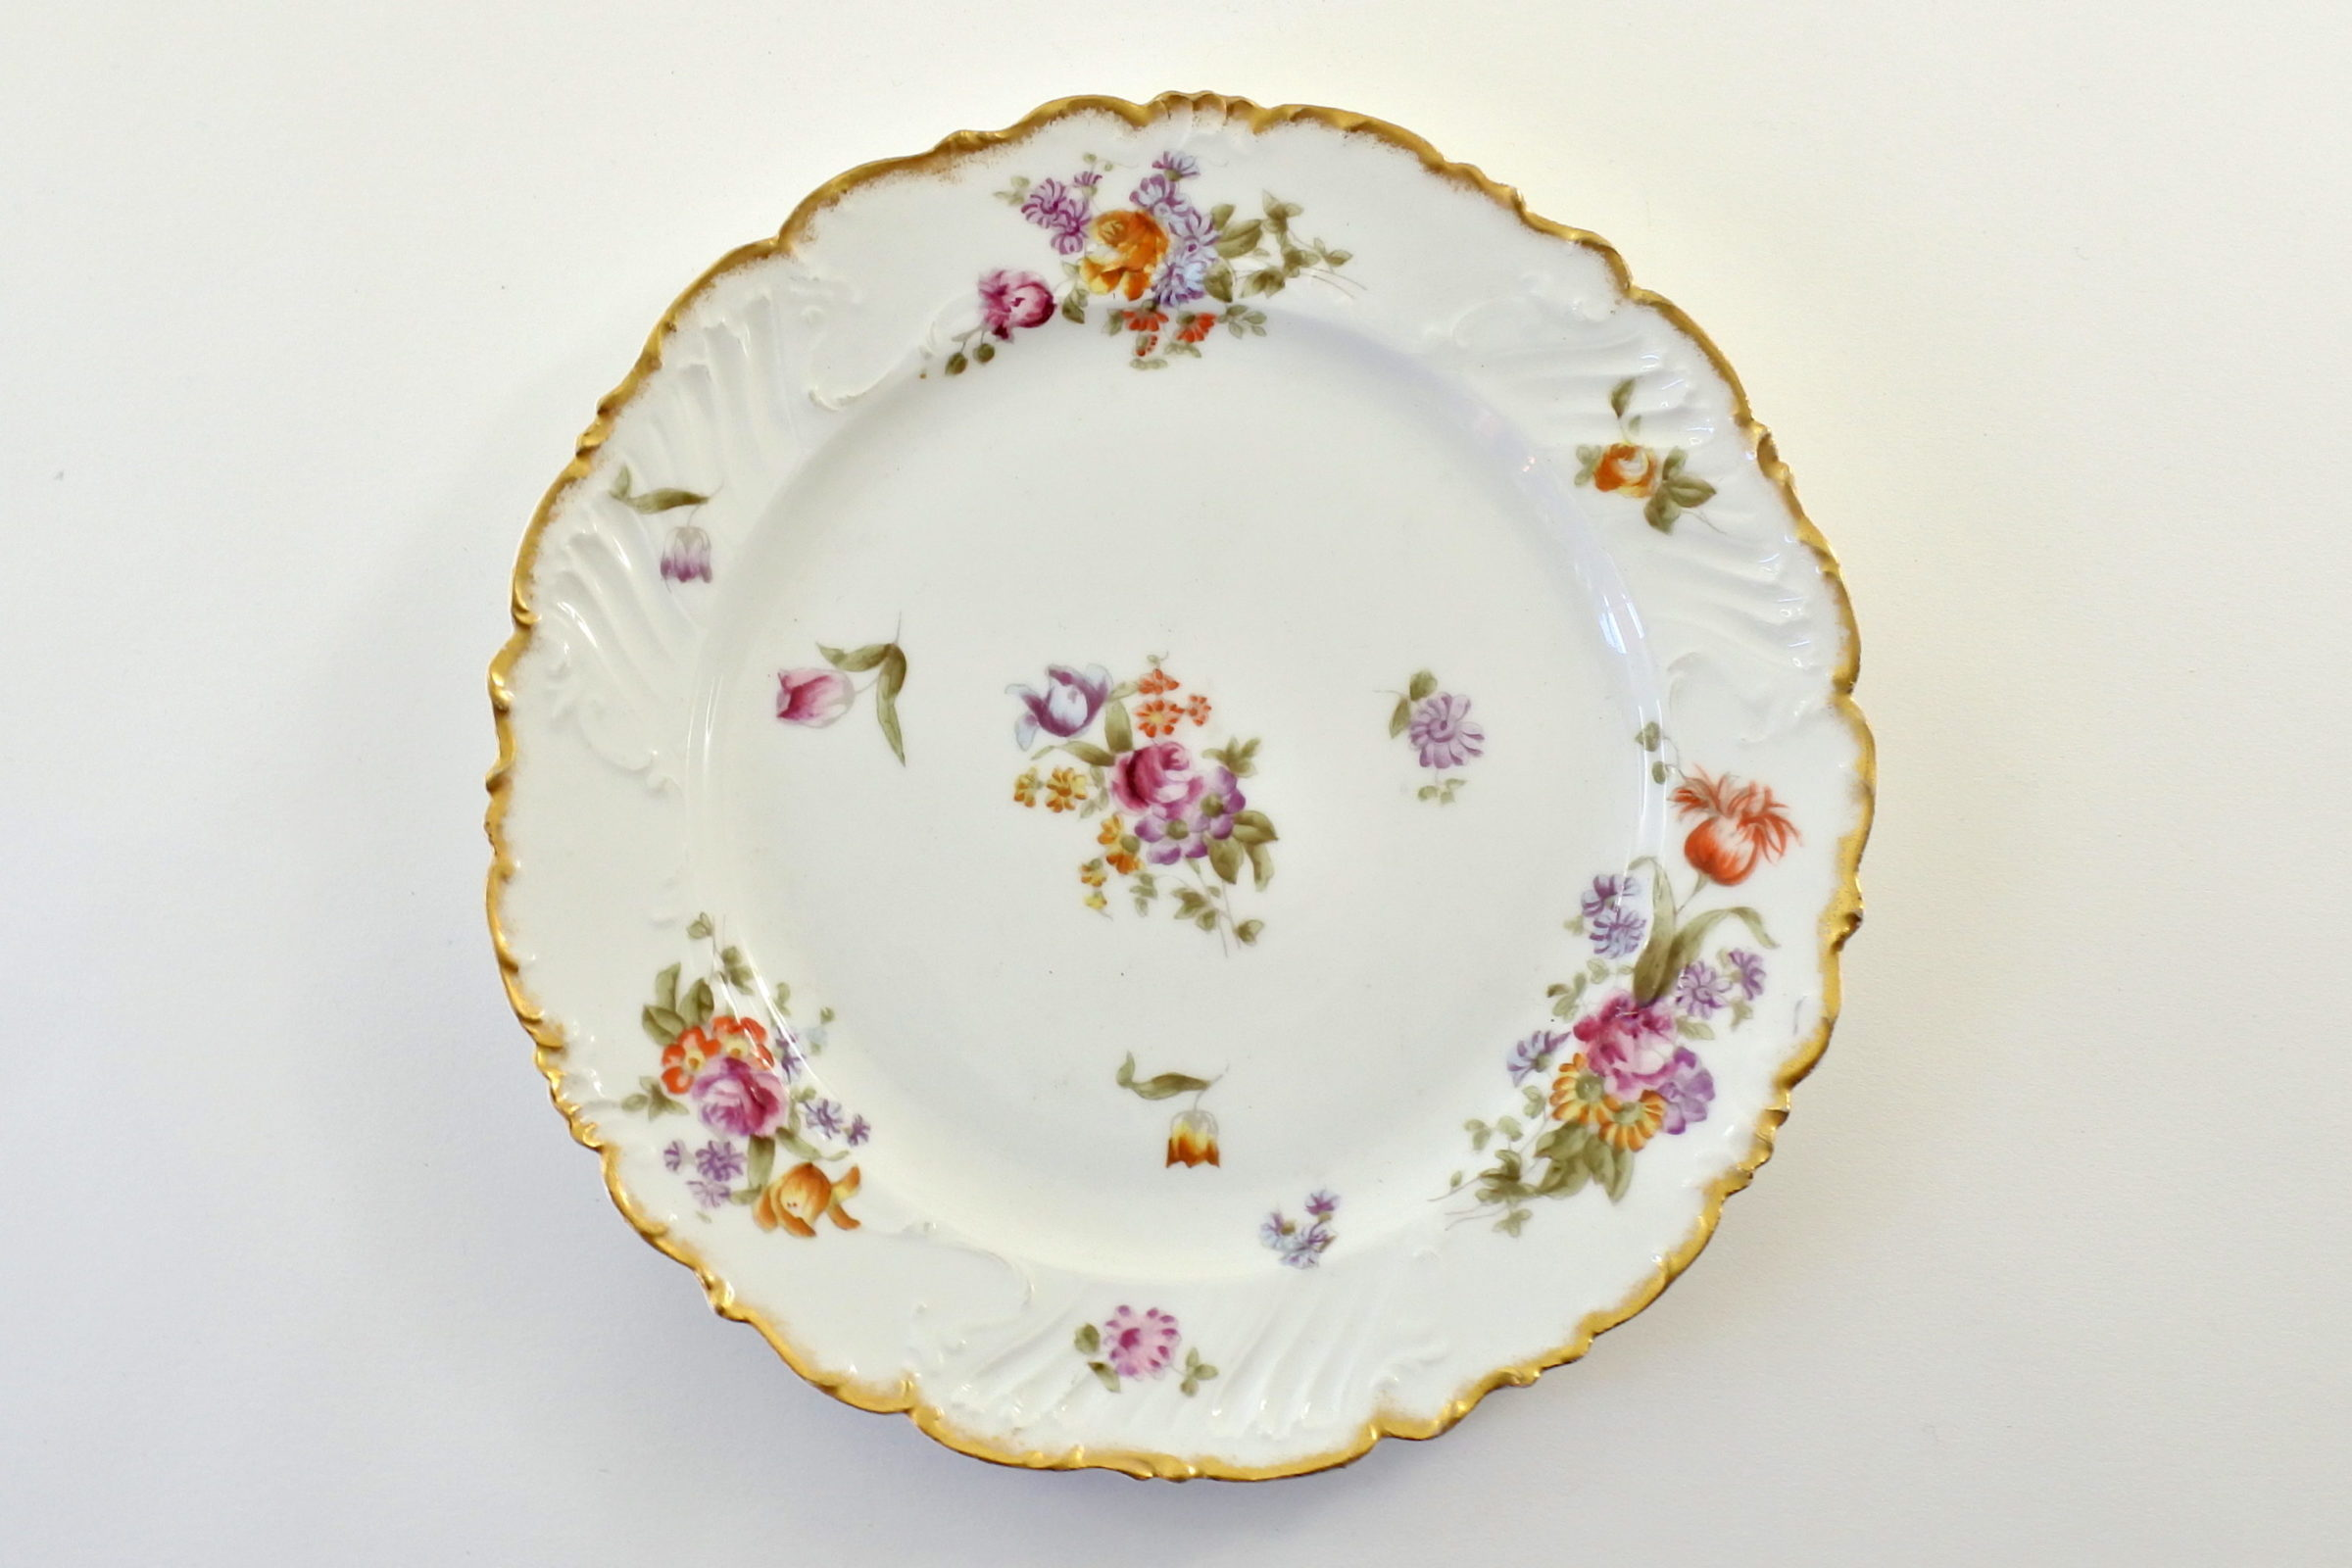 Piatto in porcellana Vecchia Parigi - Vieux Paris con tralci di fiori vari